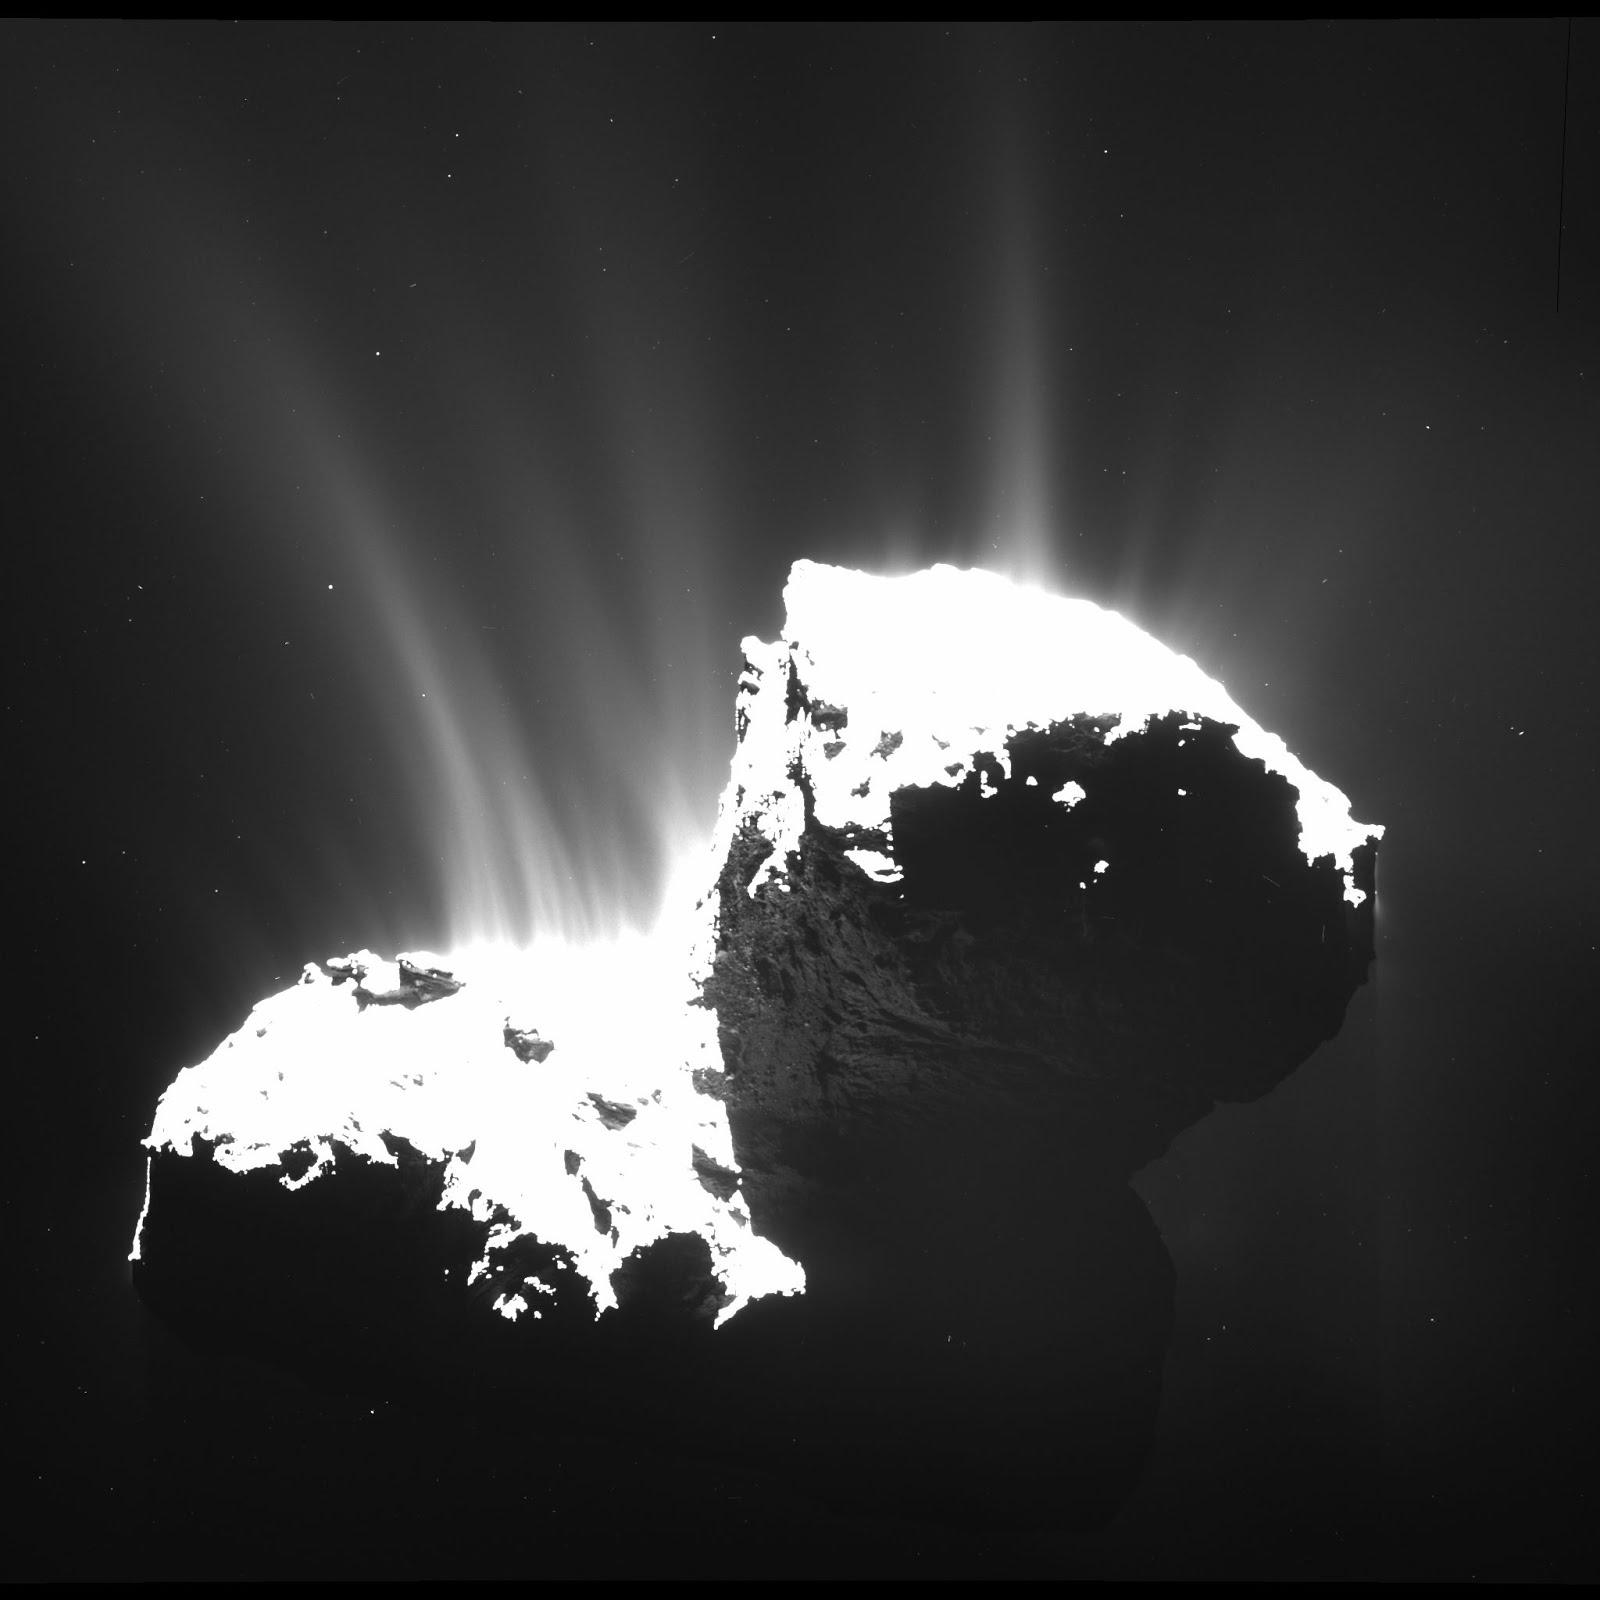 Rosetta e 97P, tutti i segreti della cometa - parte 1